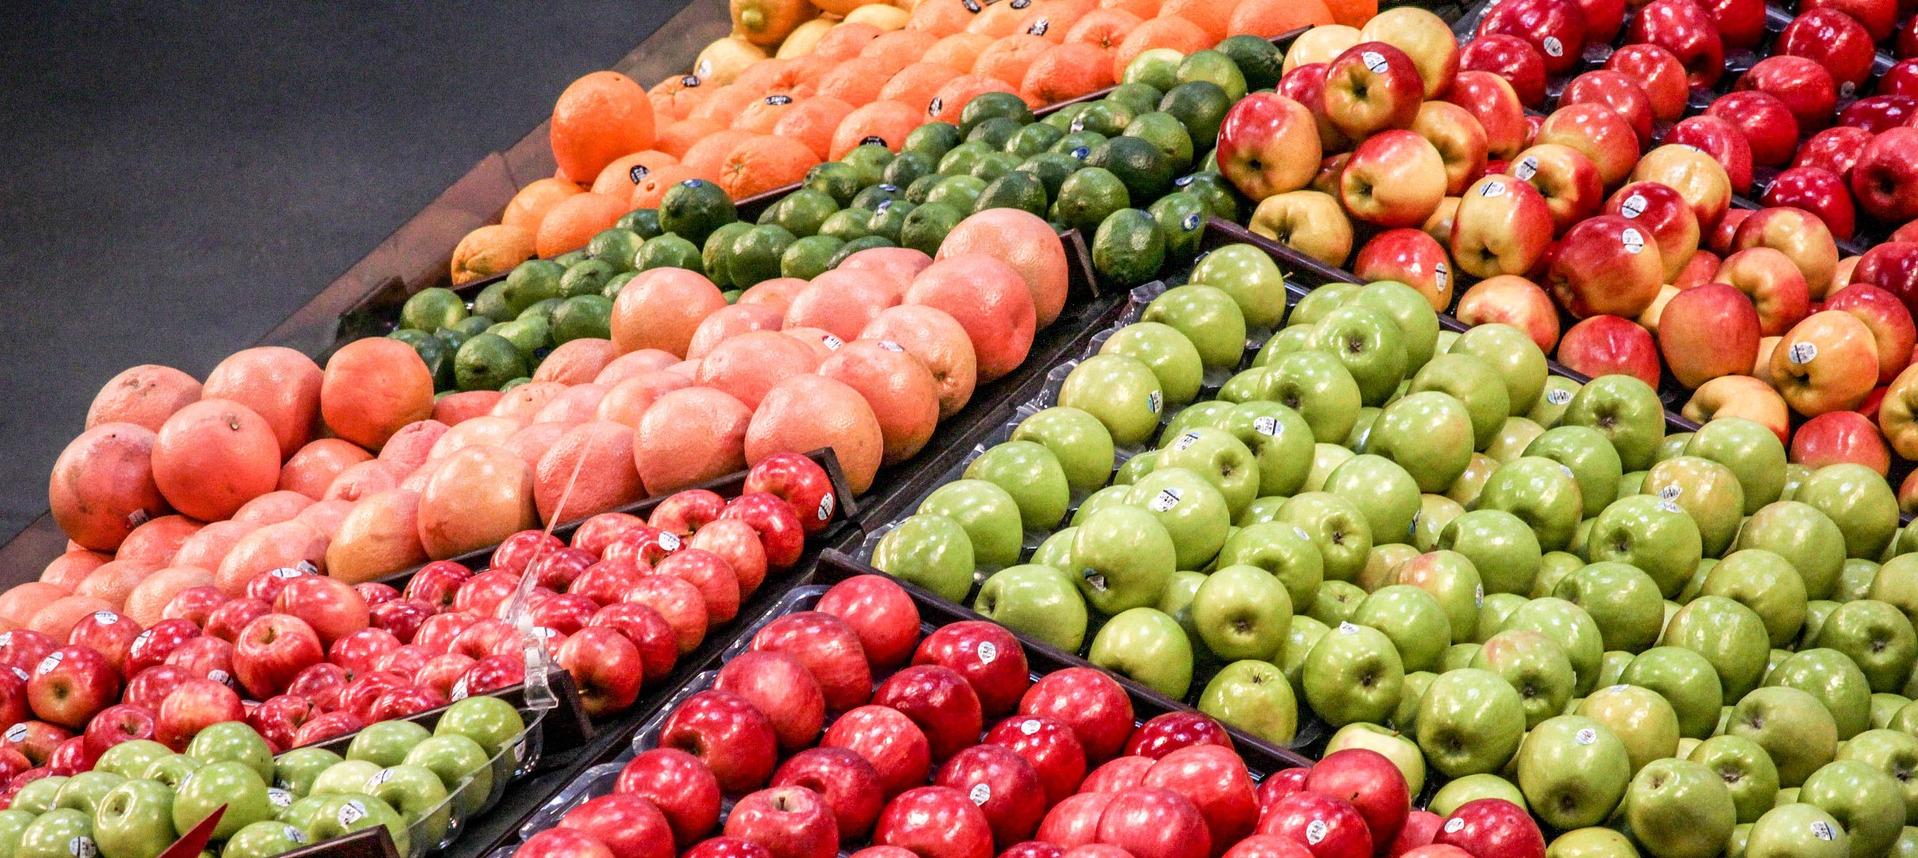 Weniger Plastik bei Obst im Supermarkt